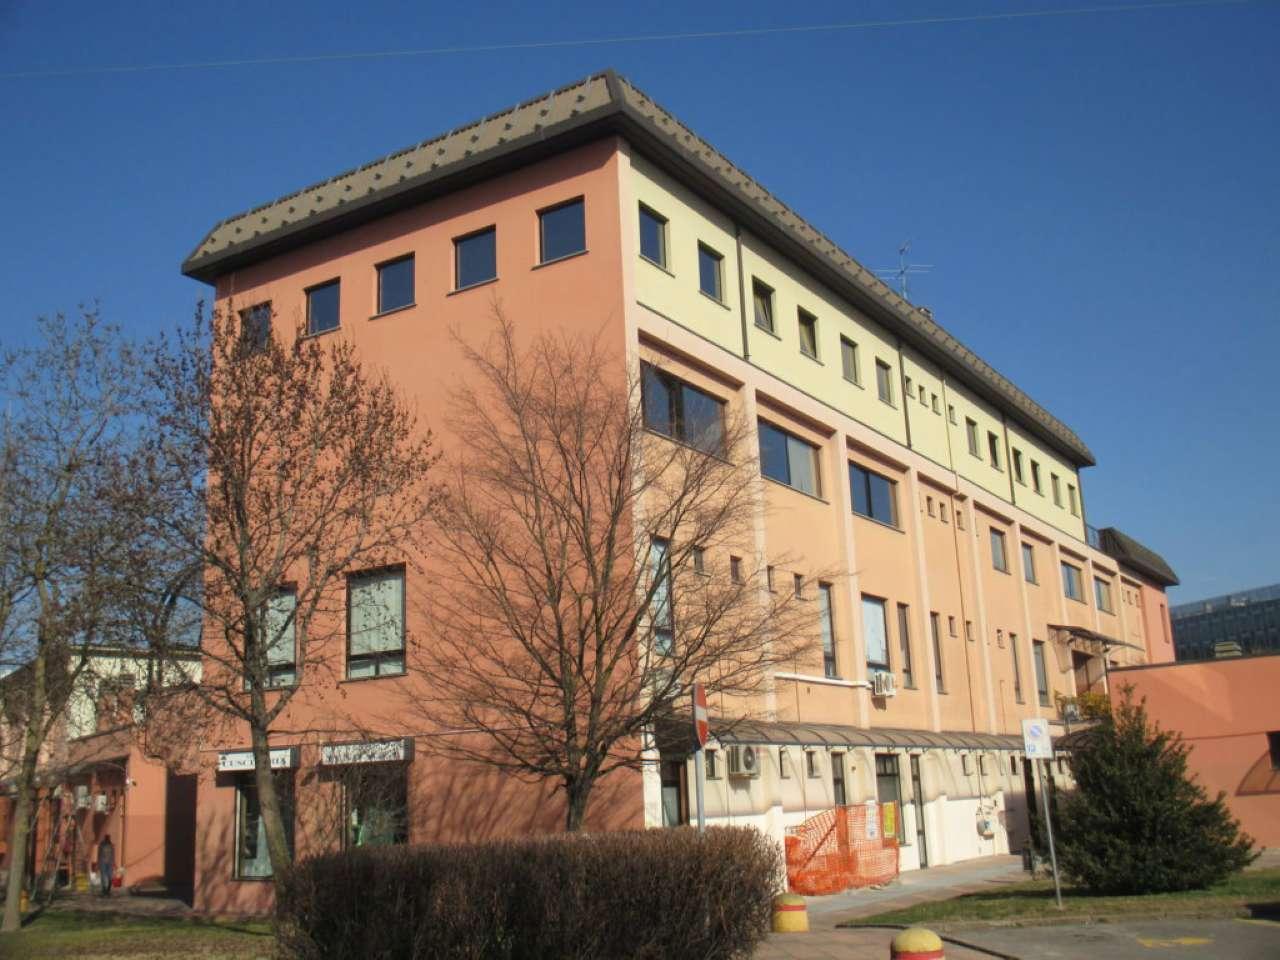 Ufficio-studio in Affitto a San Donato Milanese: 145 mq